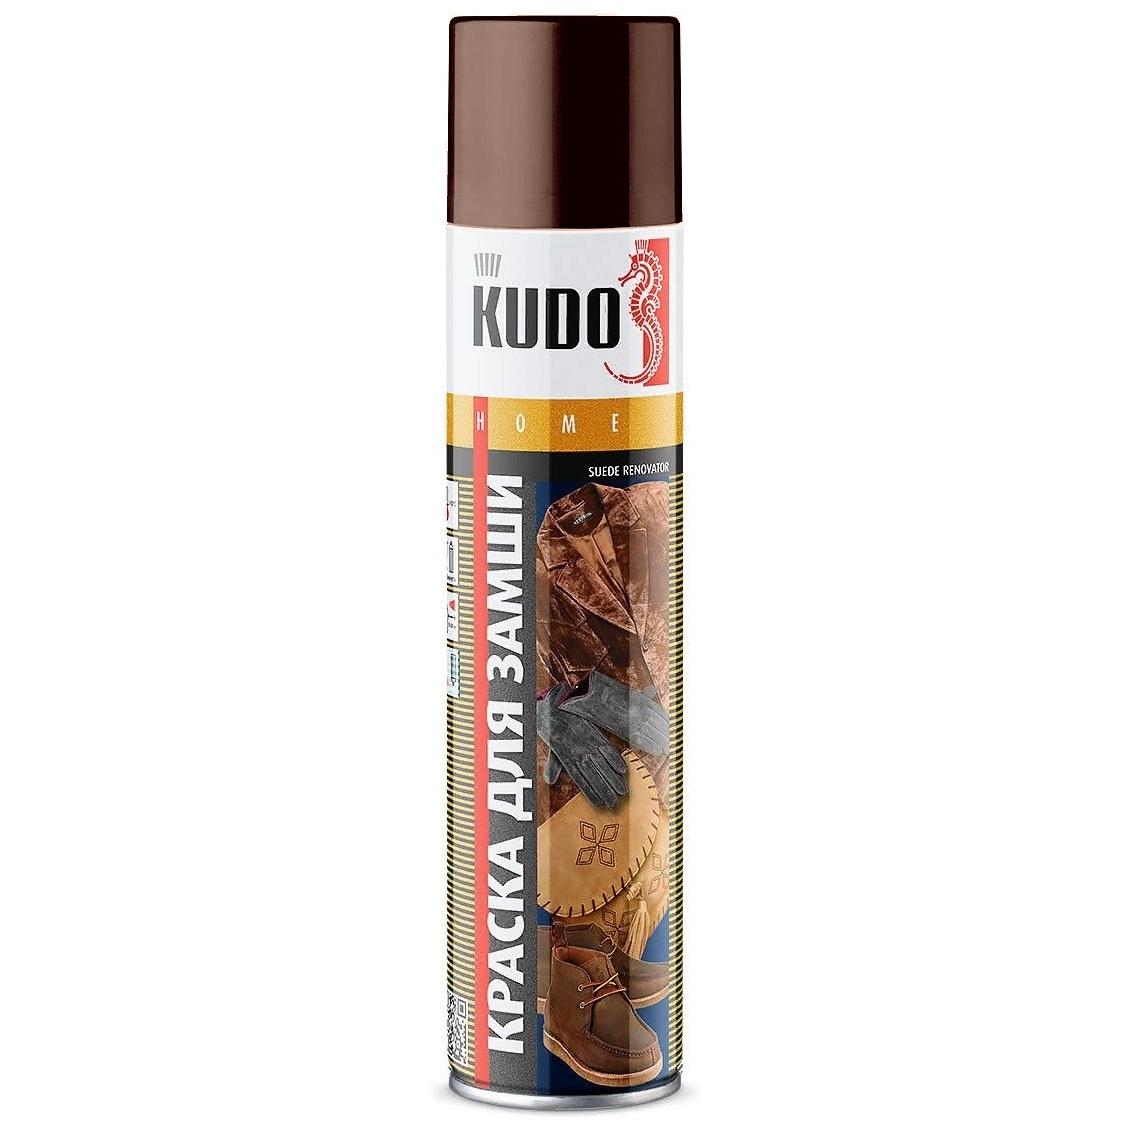 Средство для обуви и одежды KUDO краска для замши и нубука, аэрозоль, 400 мл, коричневый краска для кожи kudo